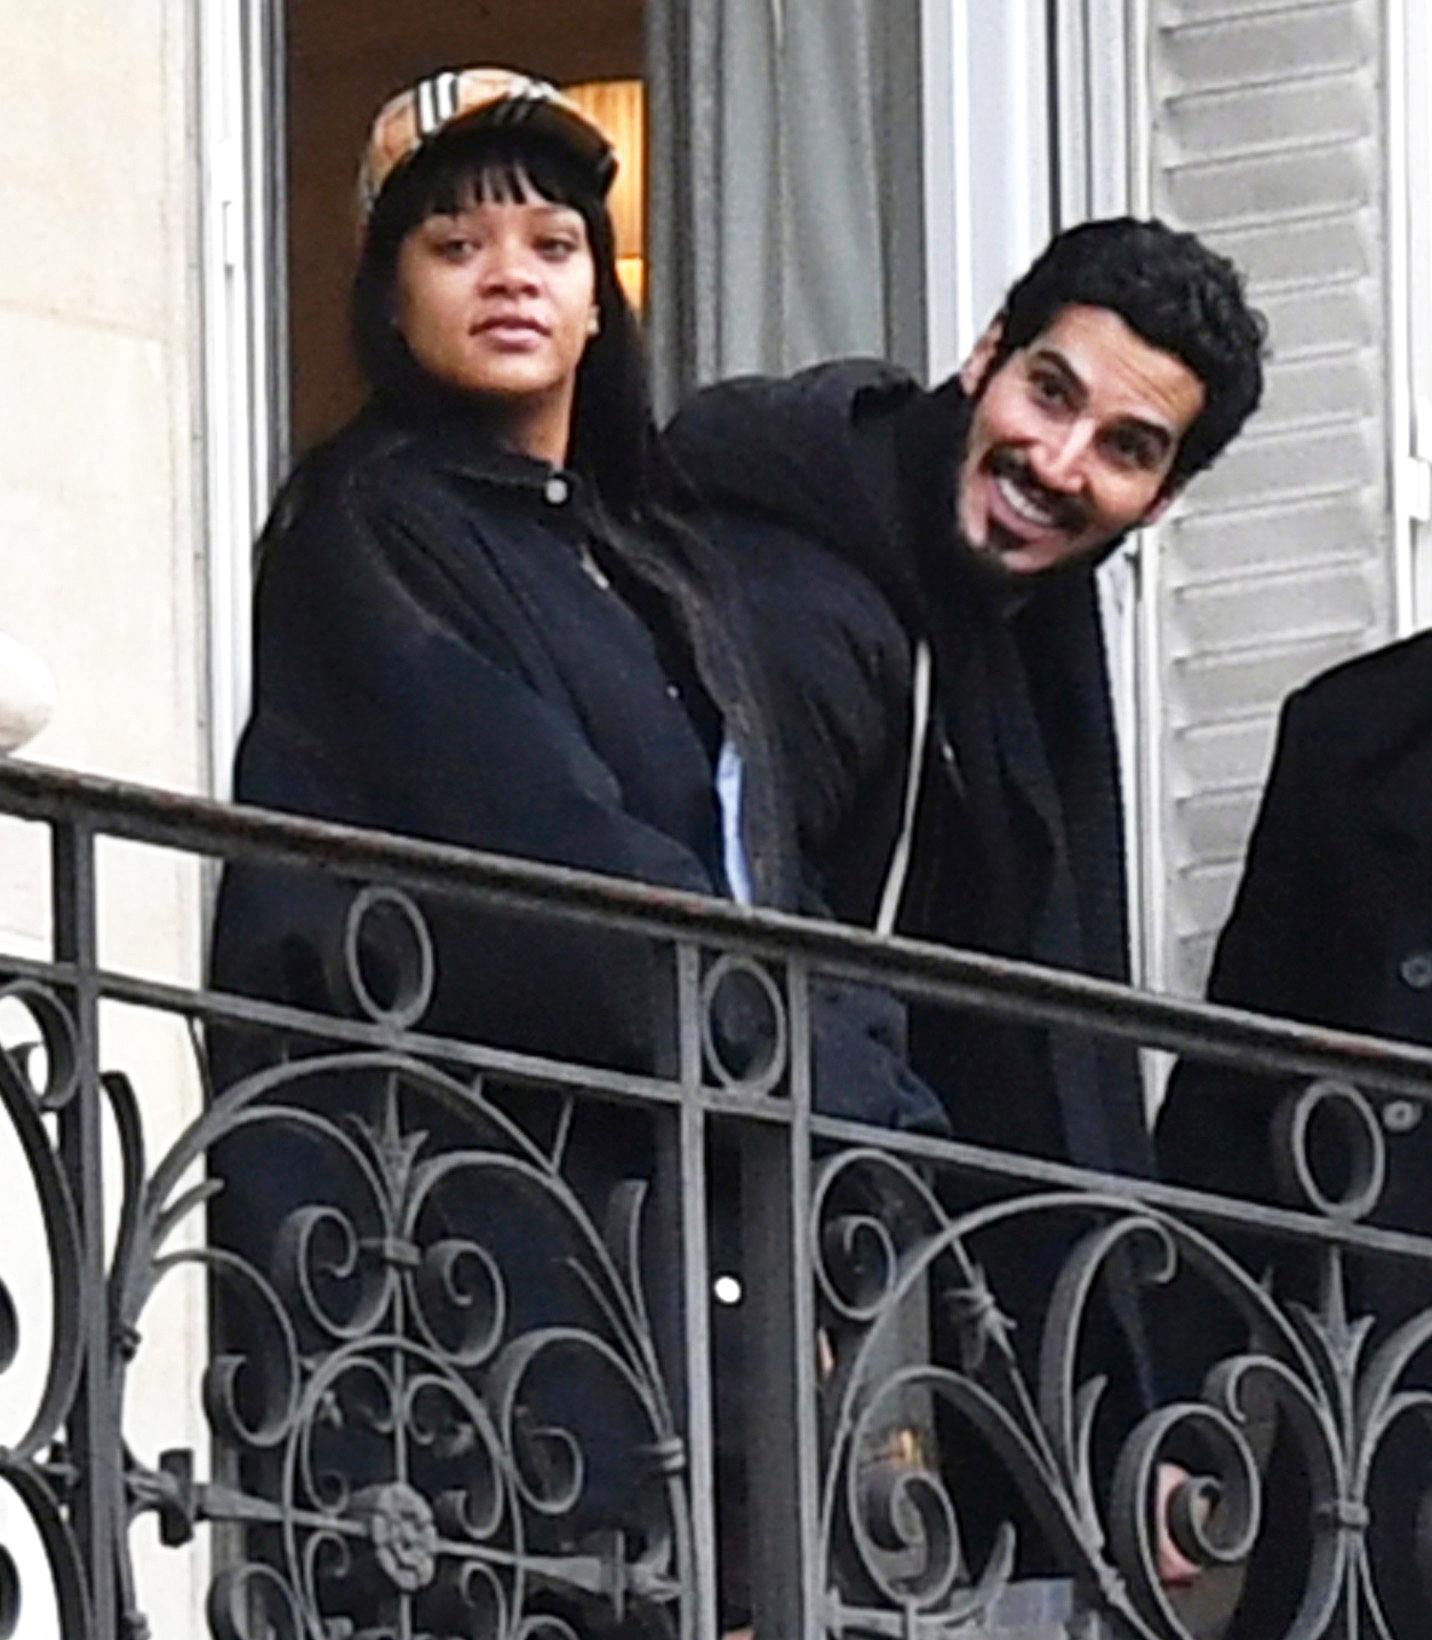 Hasan Jameel'den ayrılan Rihanna'nın yeni aşkı ünlü rapçi ASAP Rocky oldu